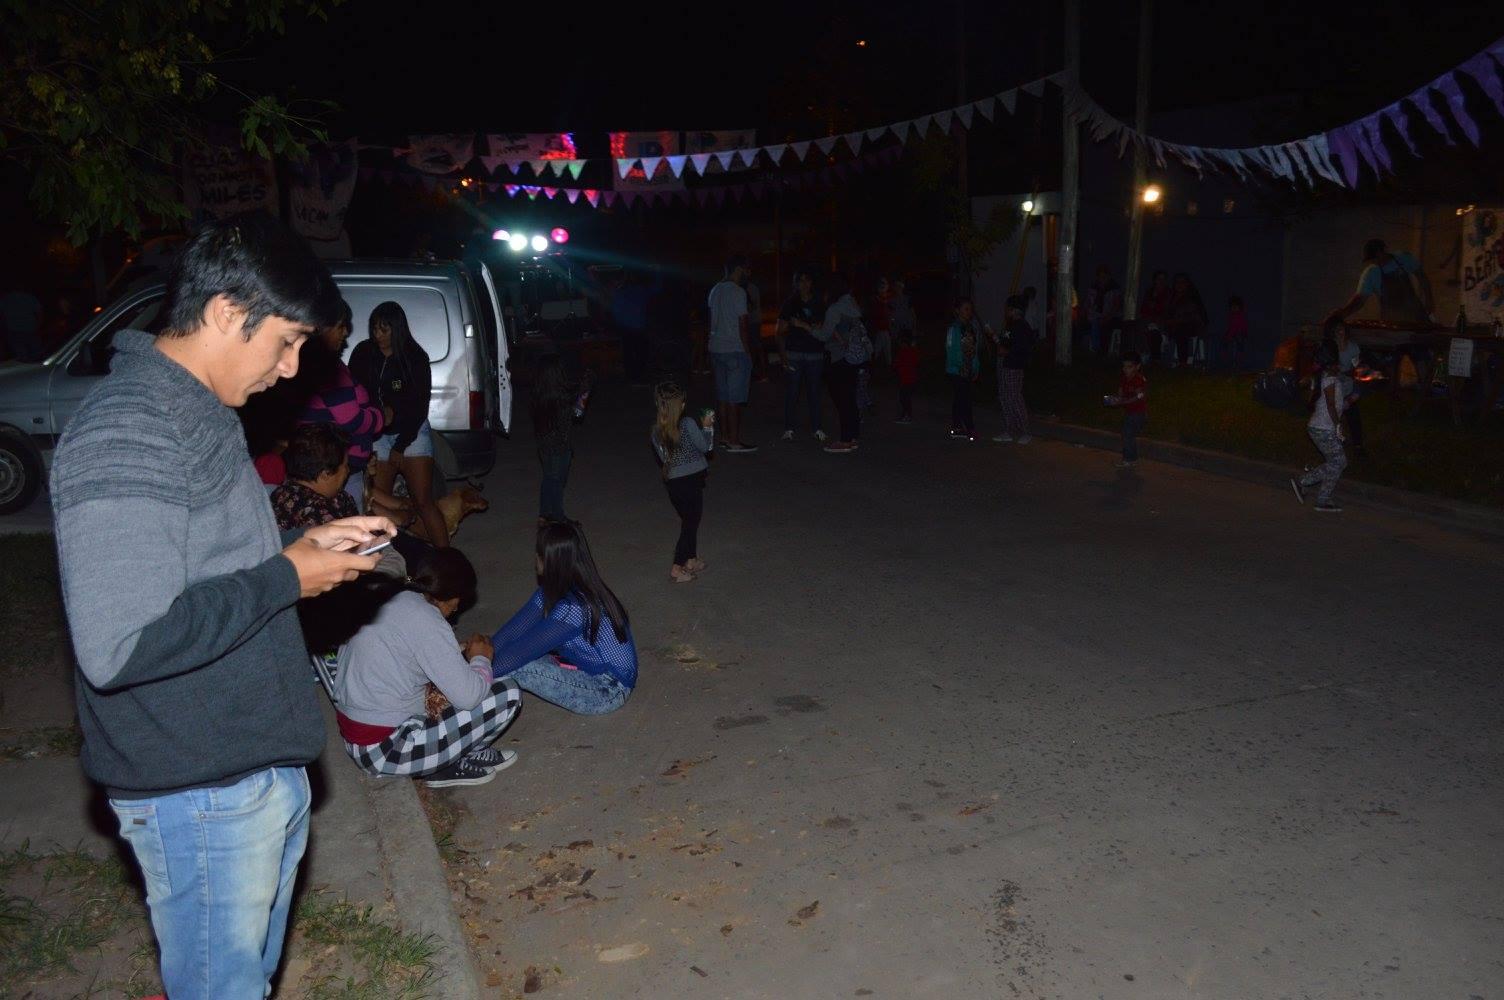 """Este sábado, pasadas las 20, se realizó el Carnaval Peronista organizado por la """"JP La Cámpora de Berisso""""  en la calle 12  de 149 norte a 150 de nuestra ciudad."""